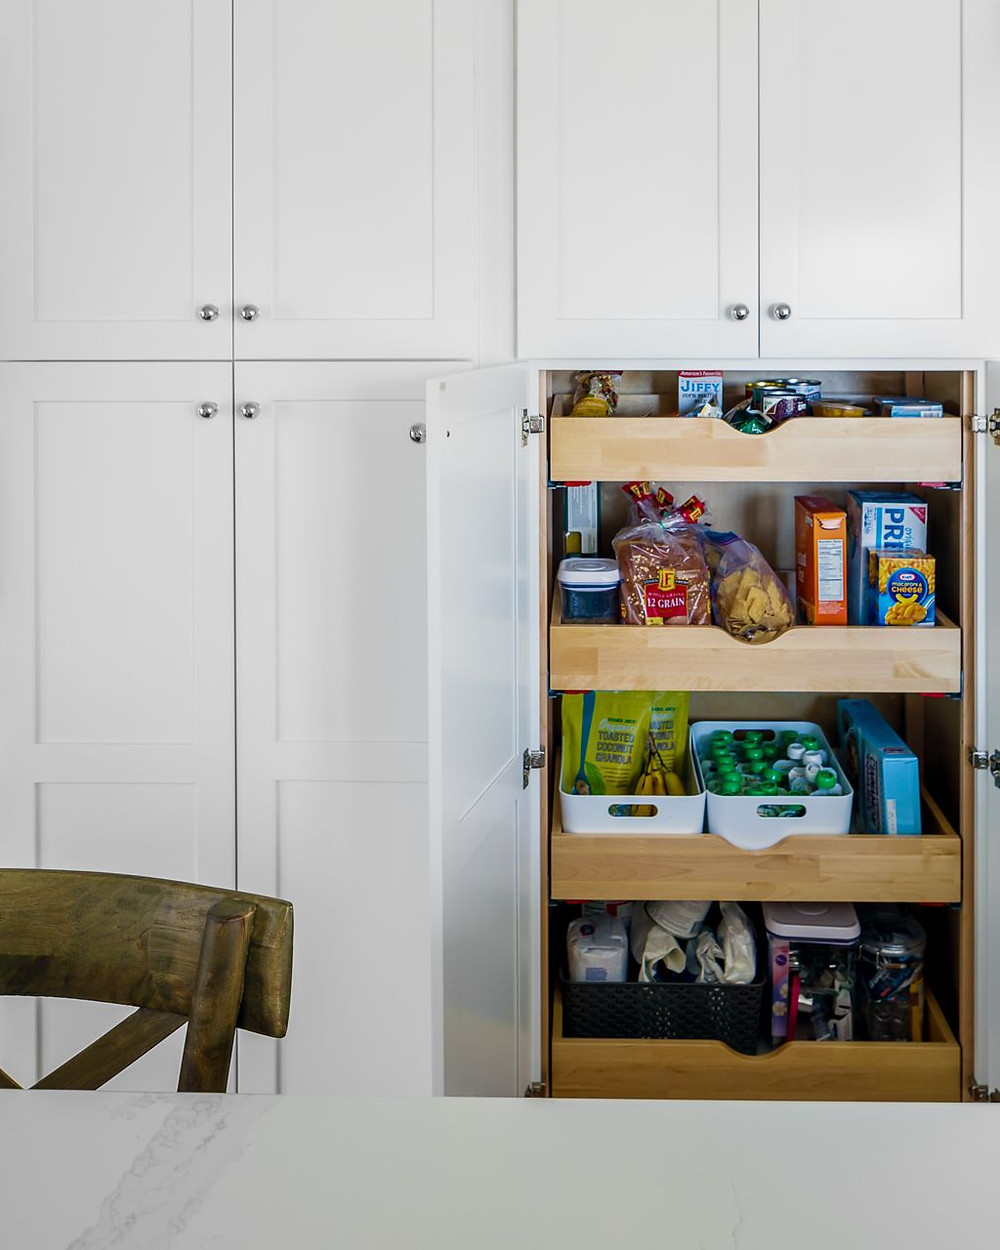 All-white kitchen storage space